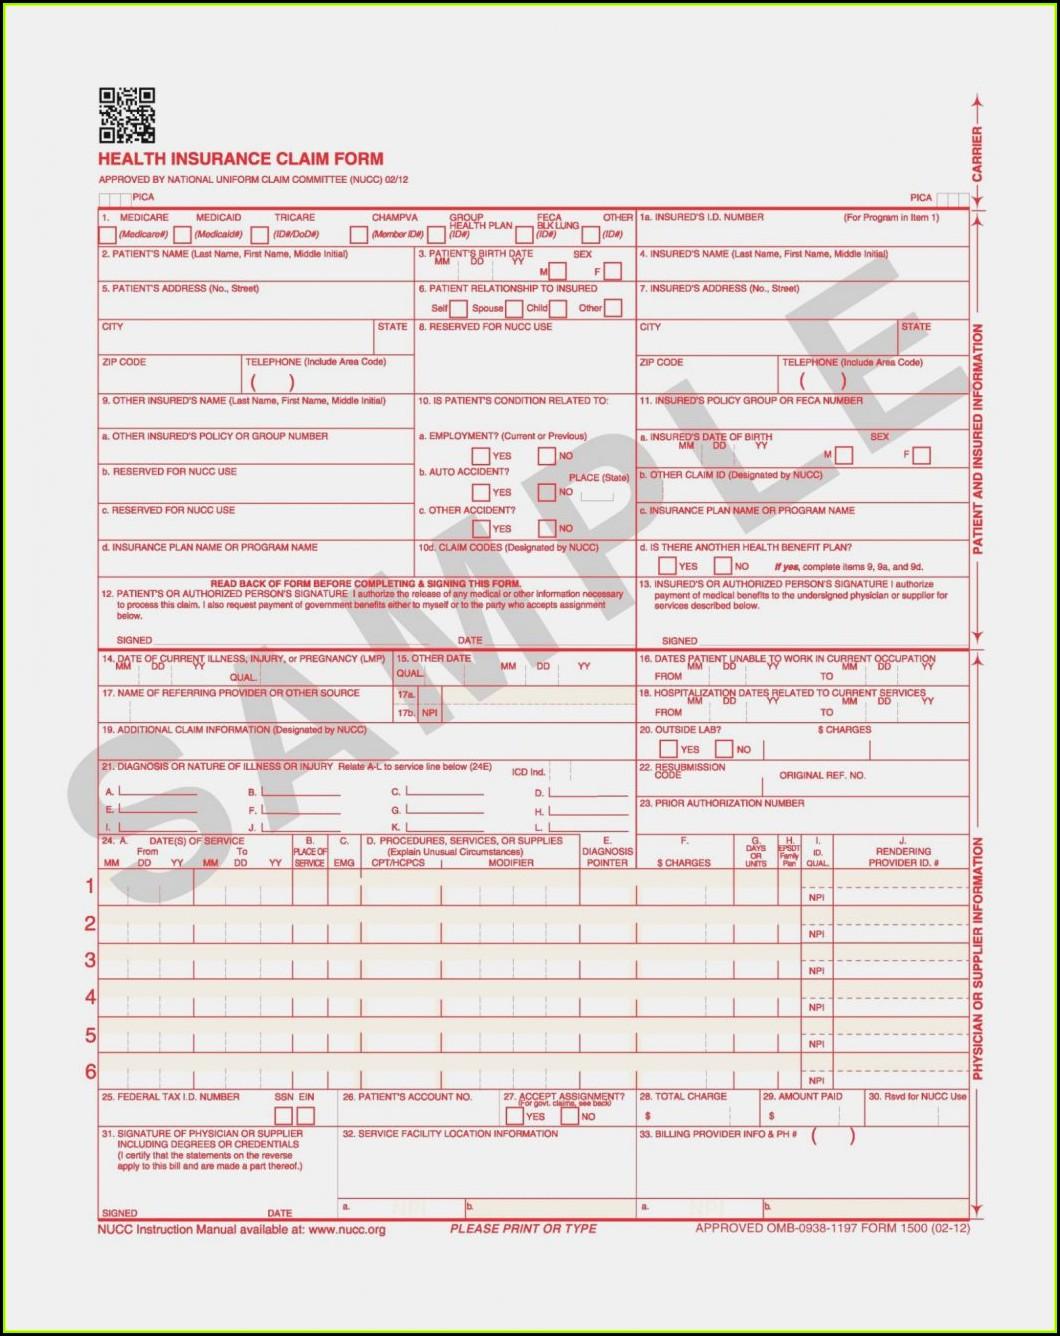 Hcfa 1500 Claim Form Sample